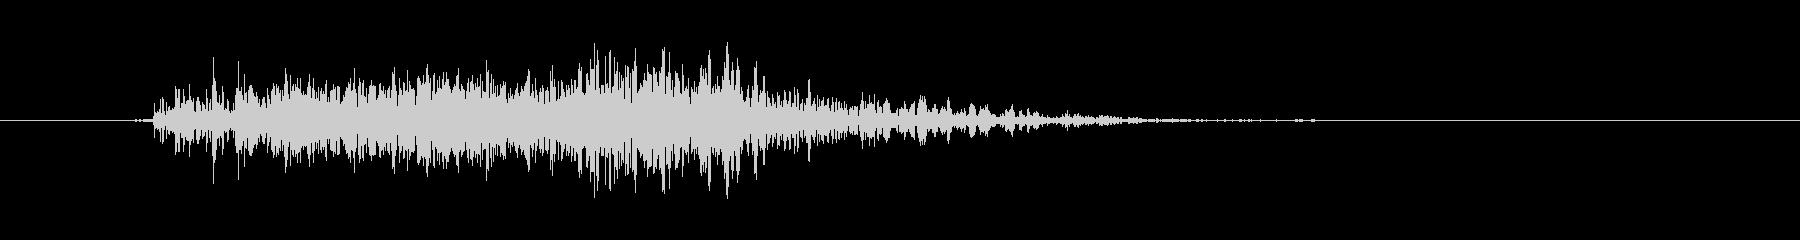 ワープ/テレポートの未再生の波形